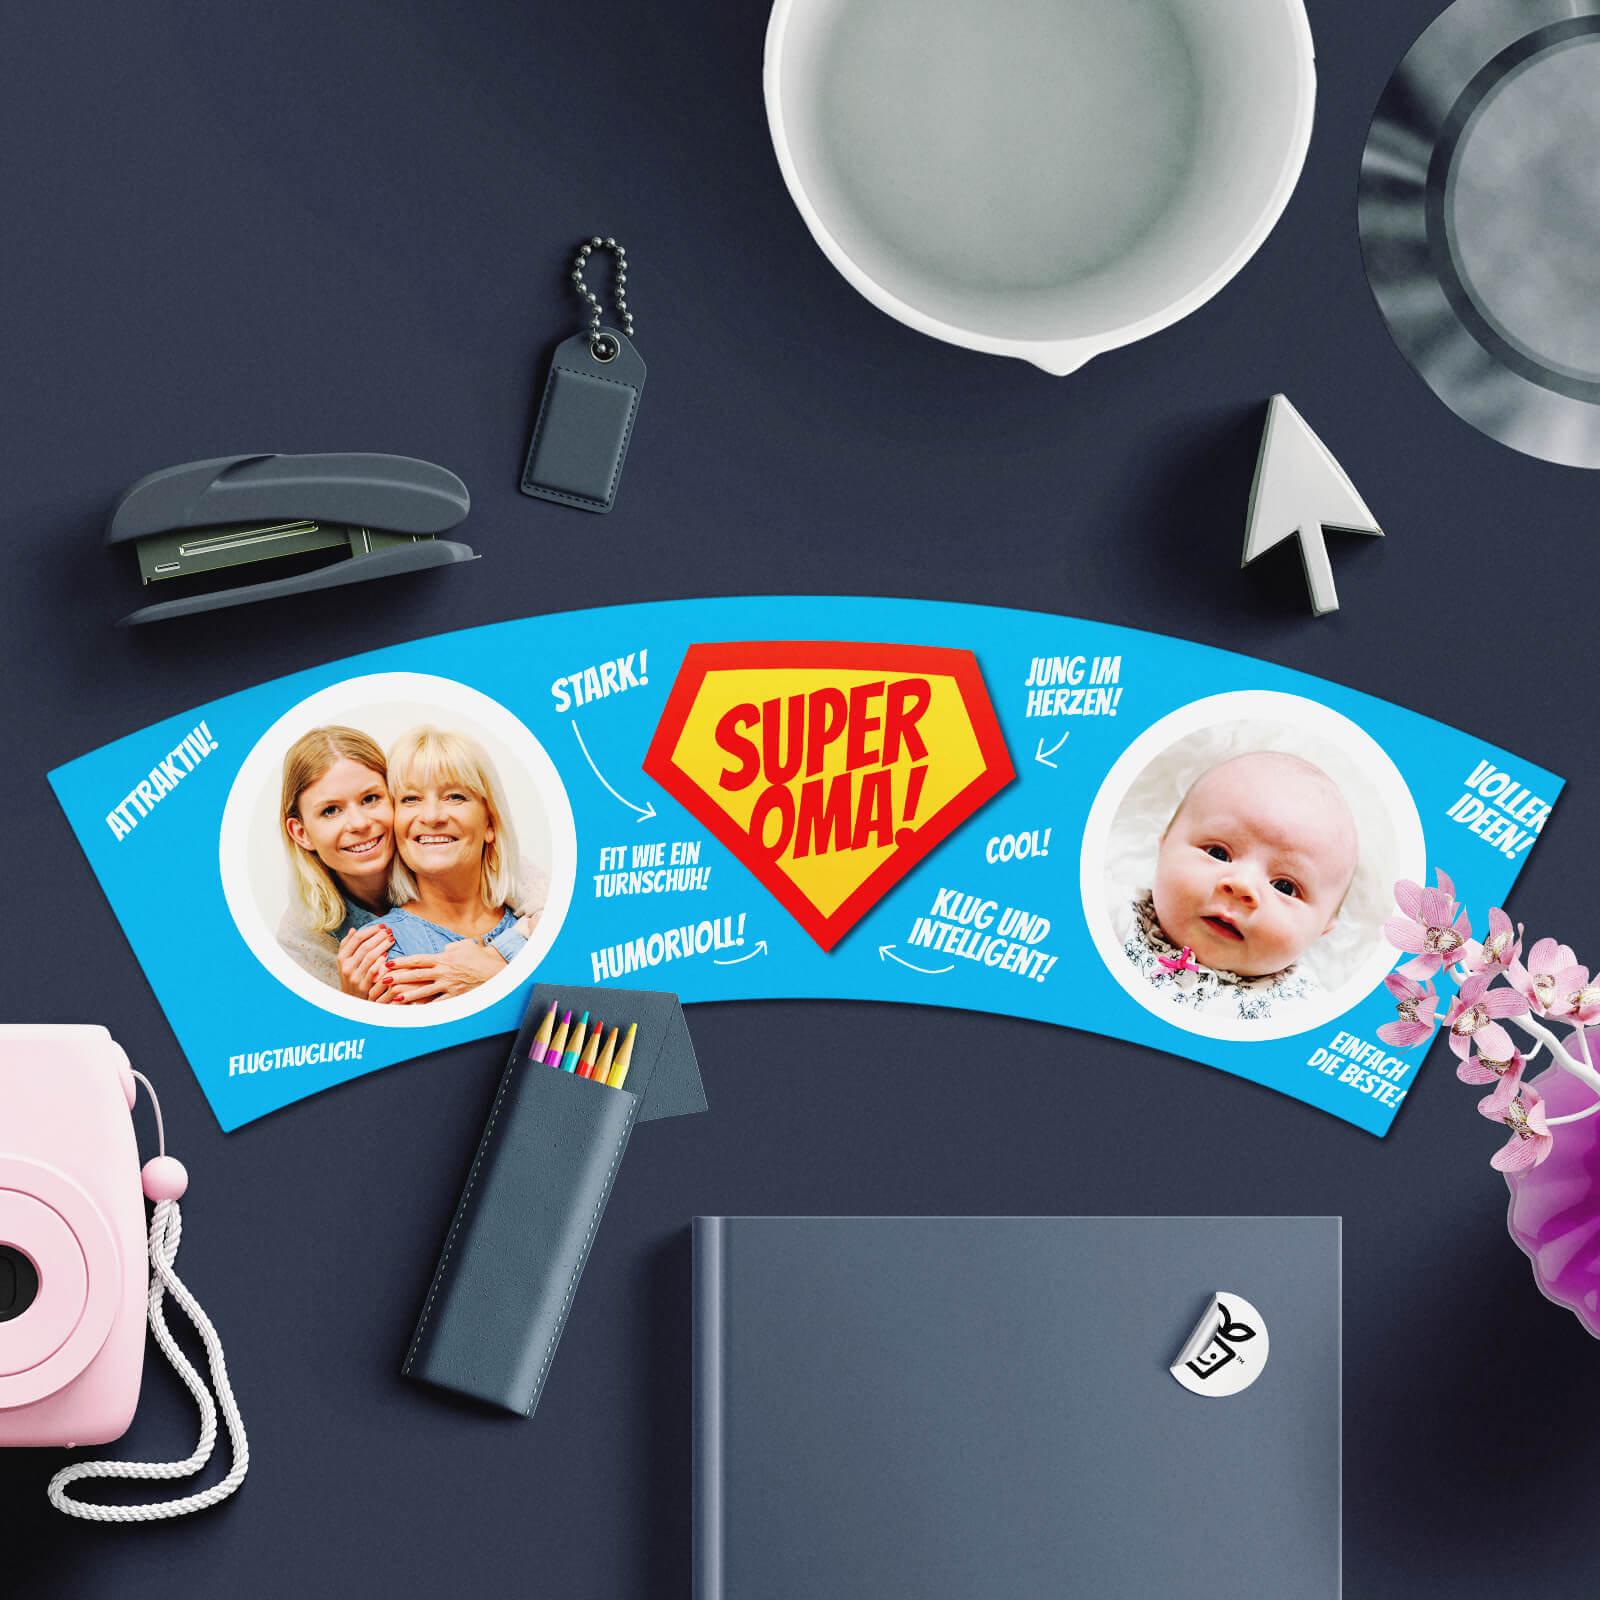 Geschenkidee für Super Oma